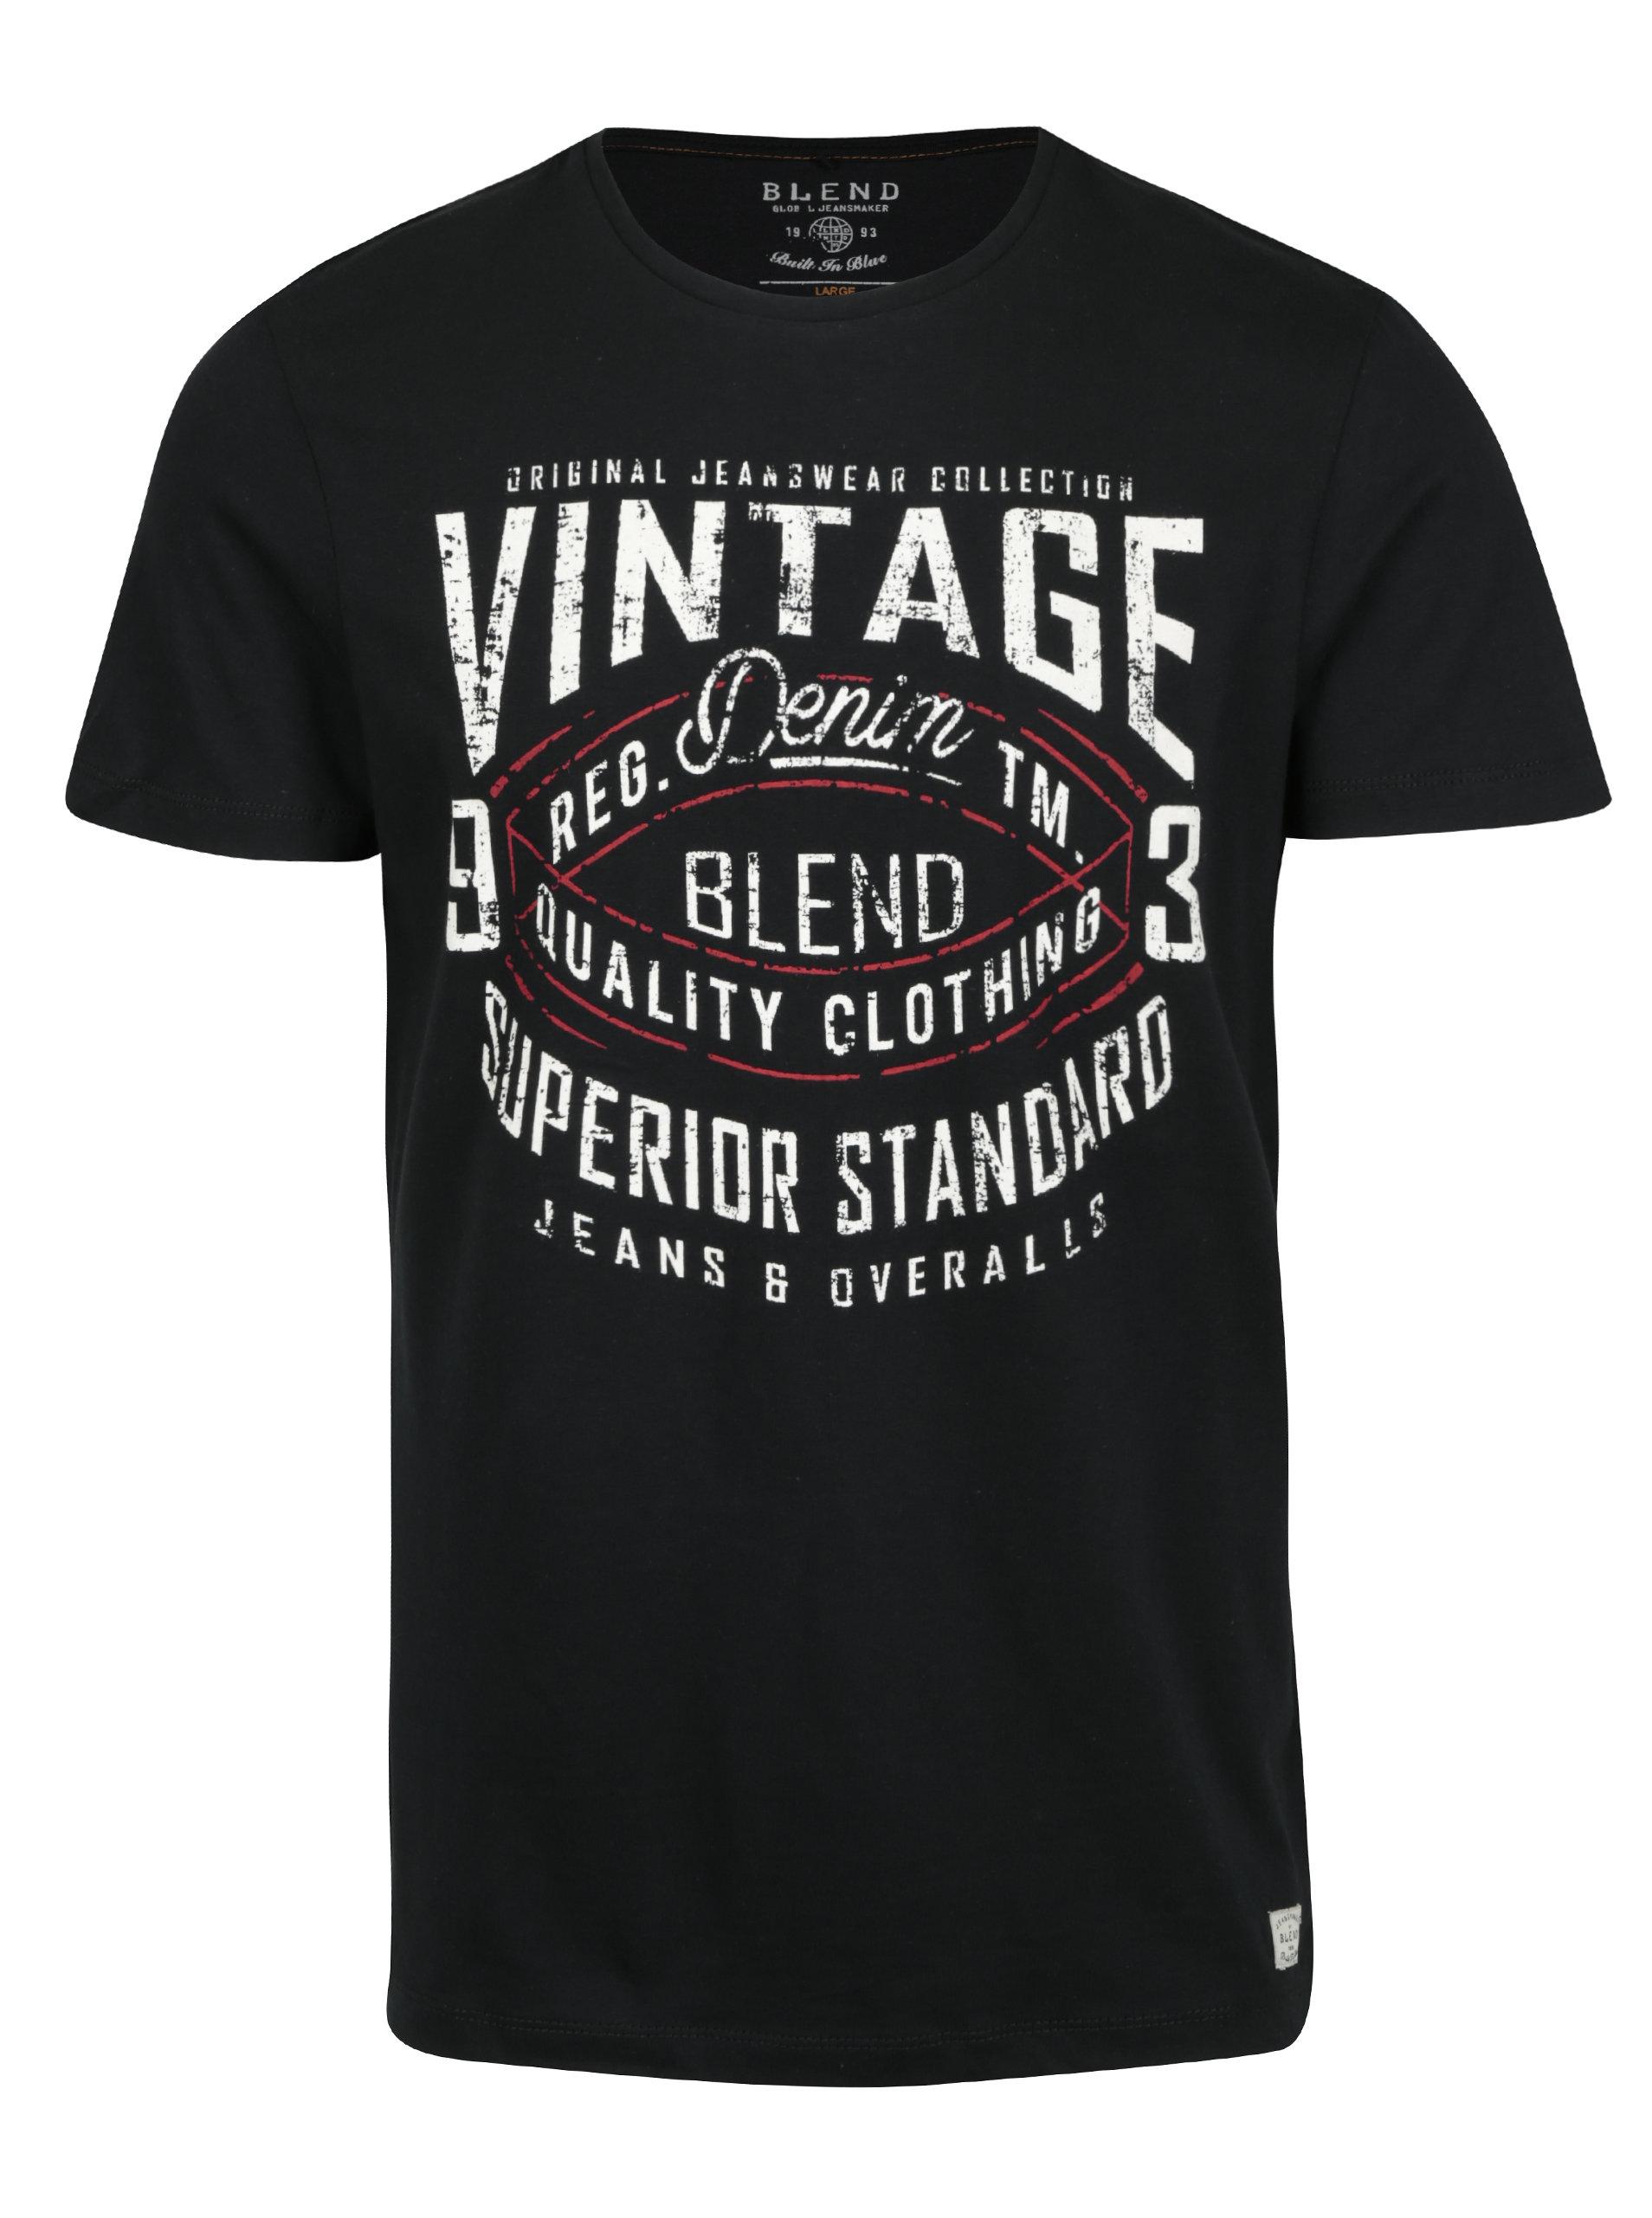 Černé pánské slim fit tričko s potiskem a krátkým rukávem Blend ... 3fcf659790